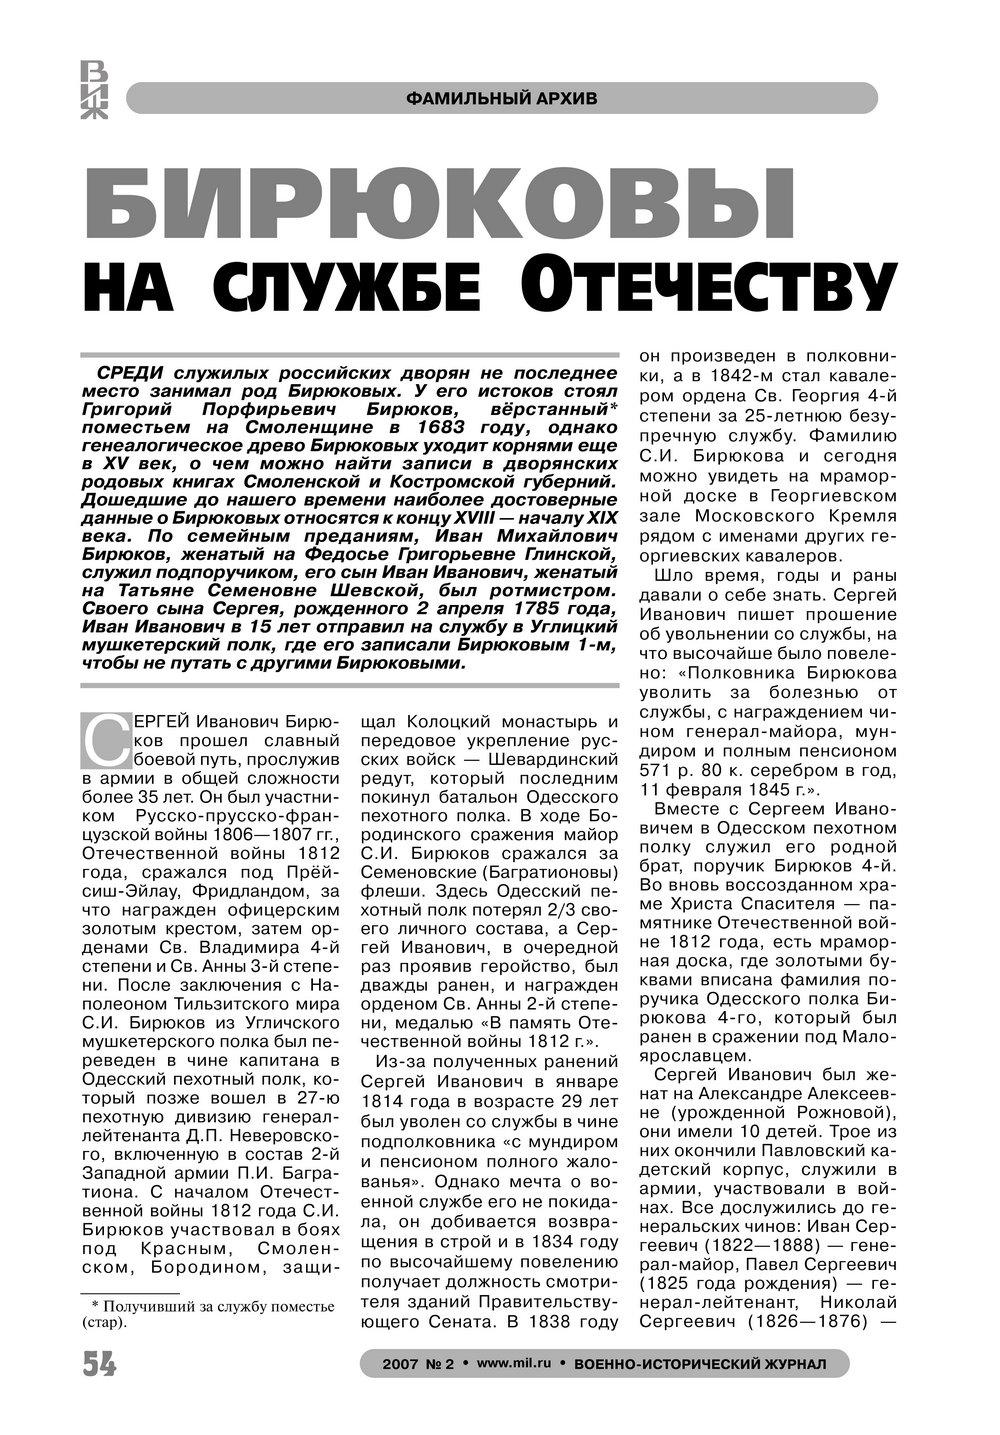 http://images.vfl.ru/ii/1367482299/b4c04039/2262505.jpg